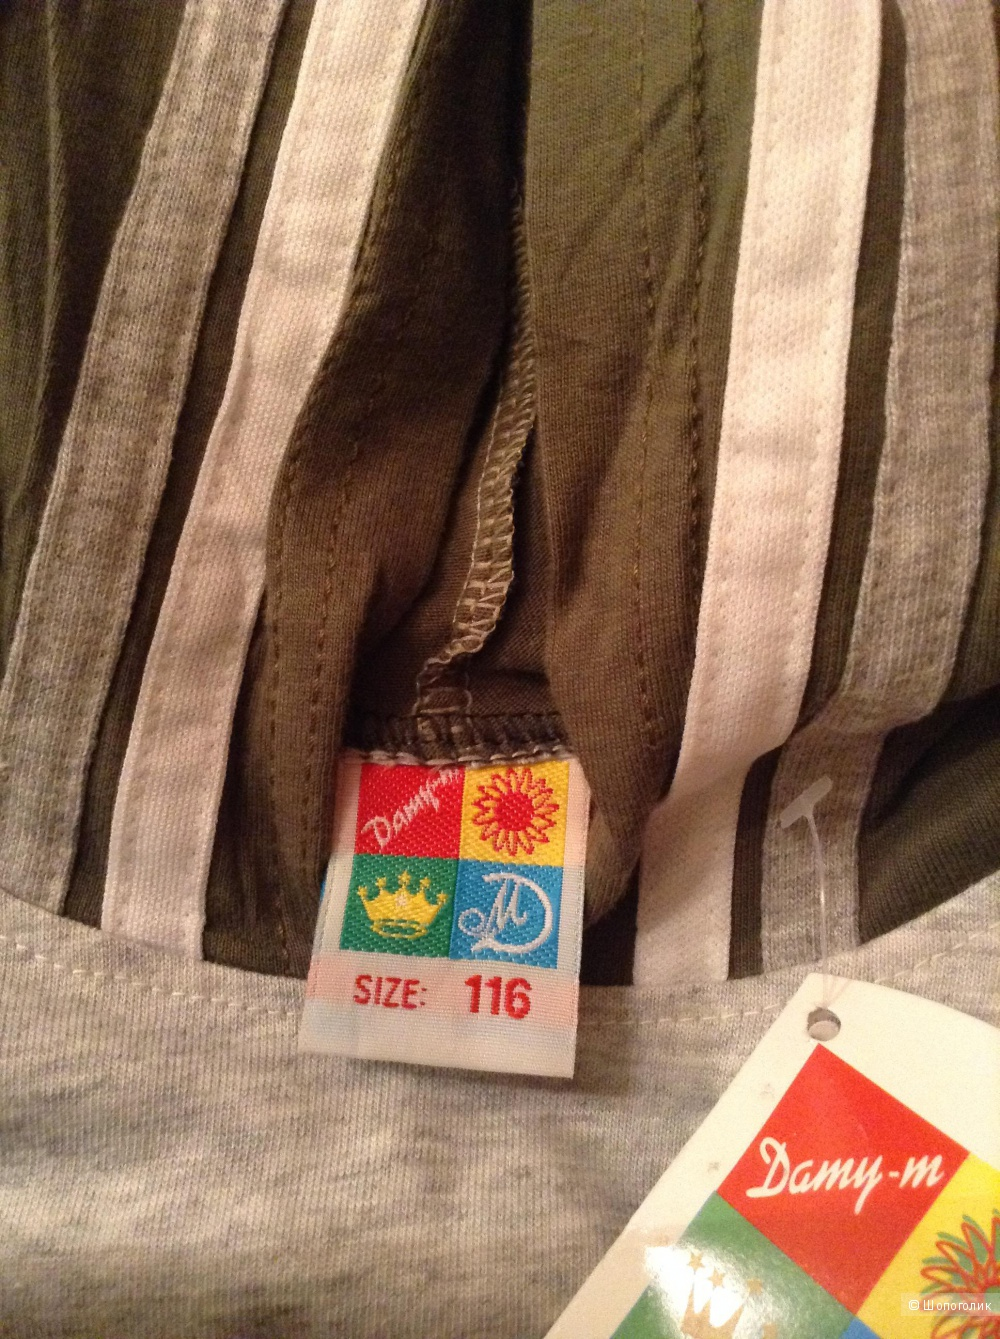 Детская футболка Damy-M, размер 116